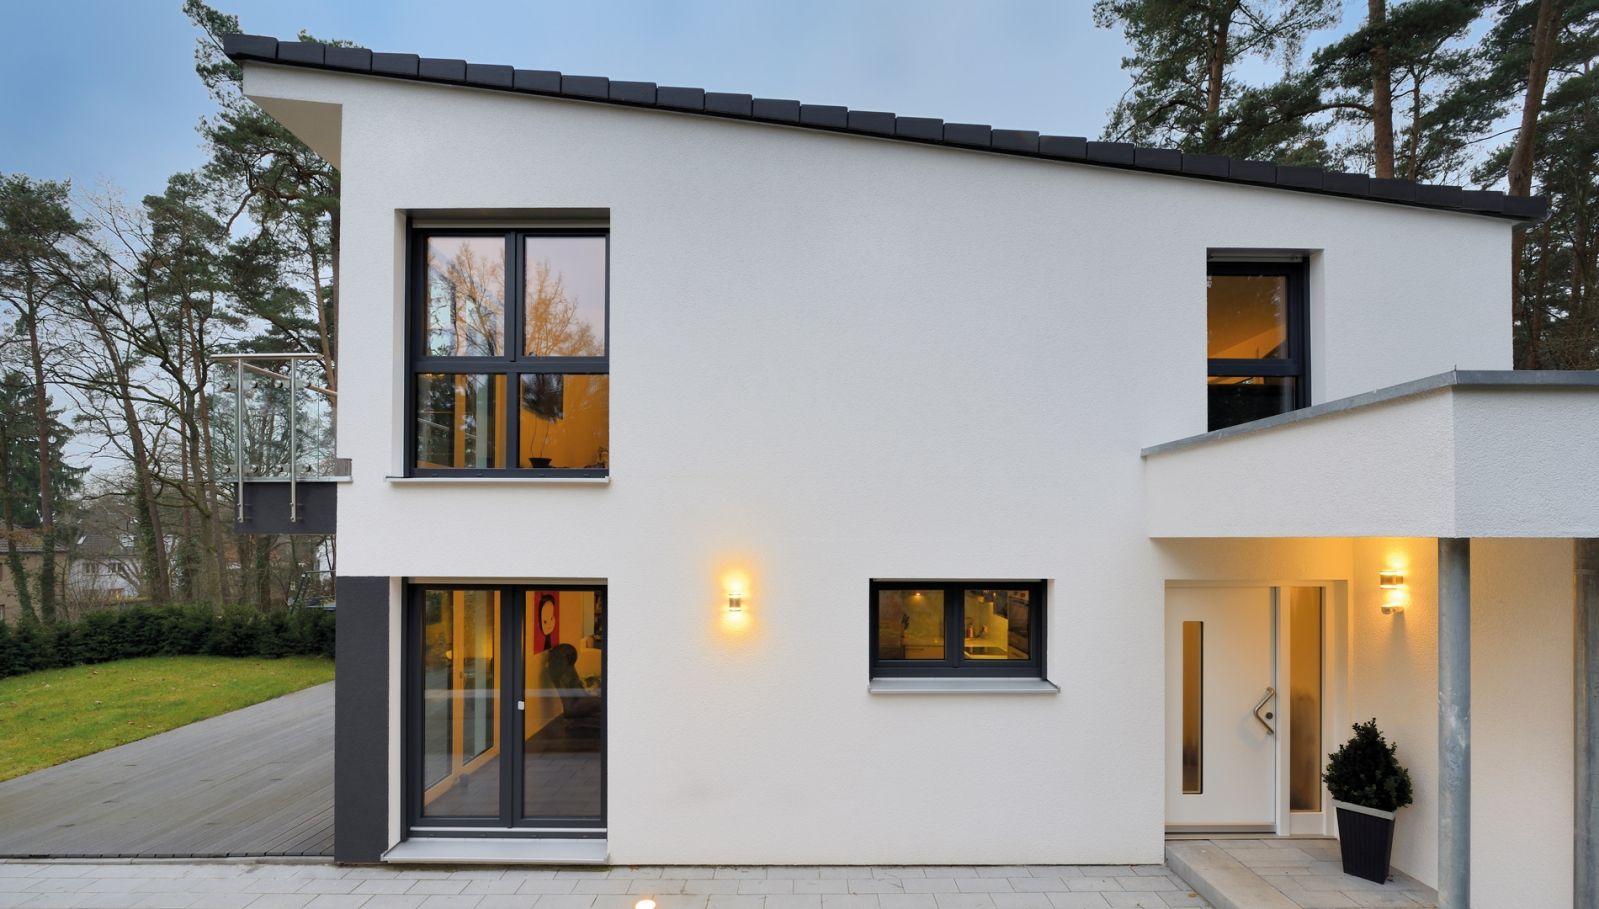 ^ Yli tuhat ideaa: Doppelhaus Fertighaus Pinterestissä ...